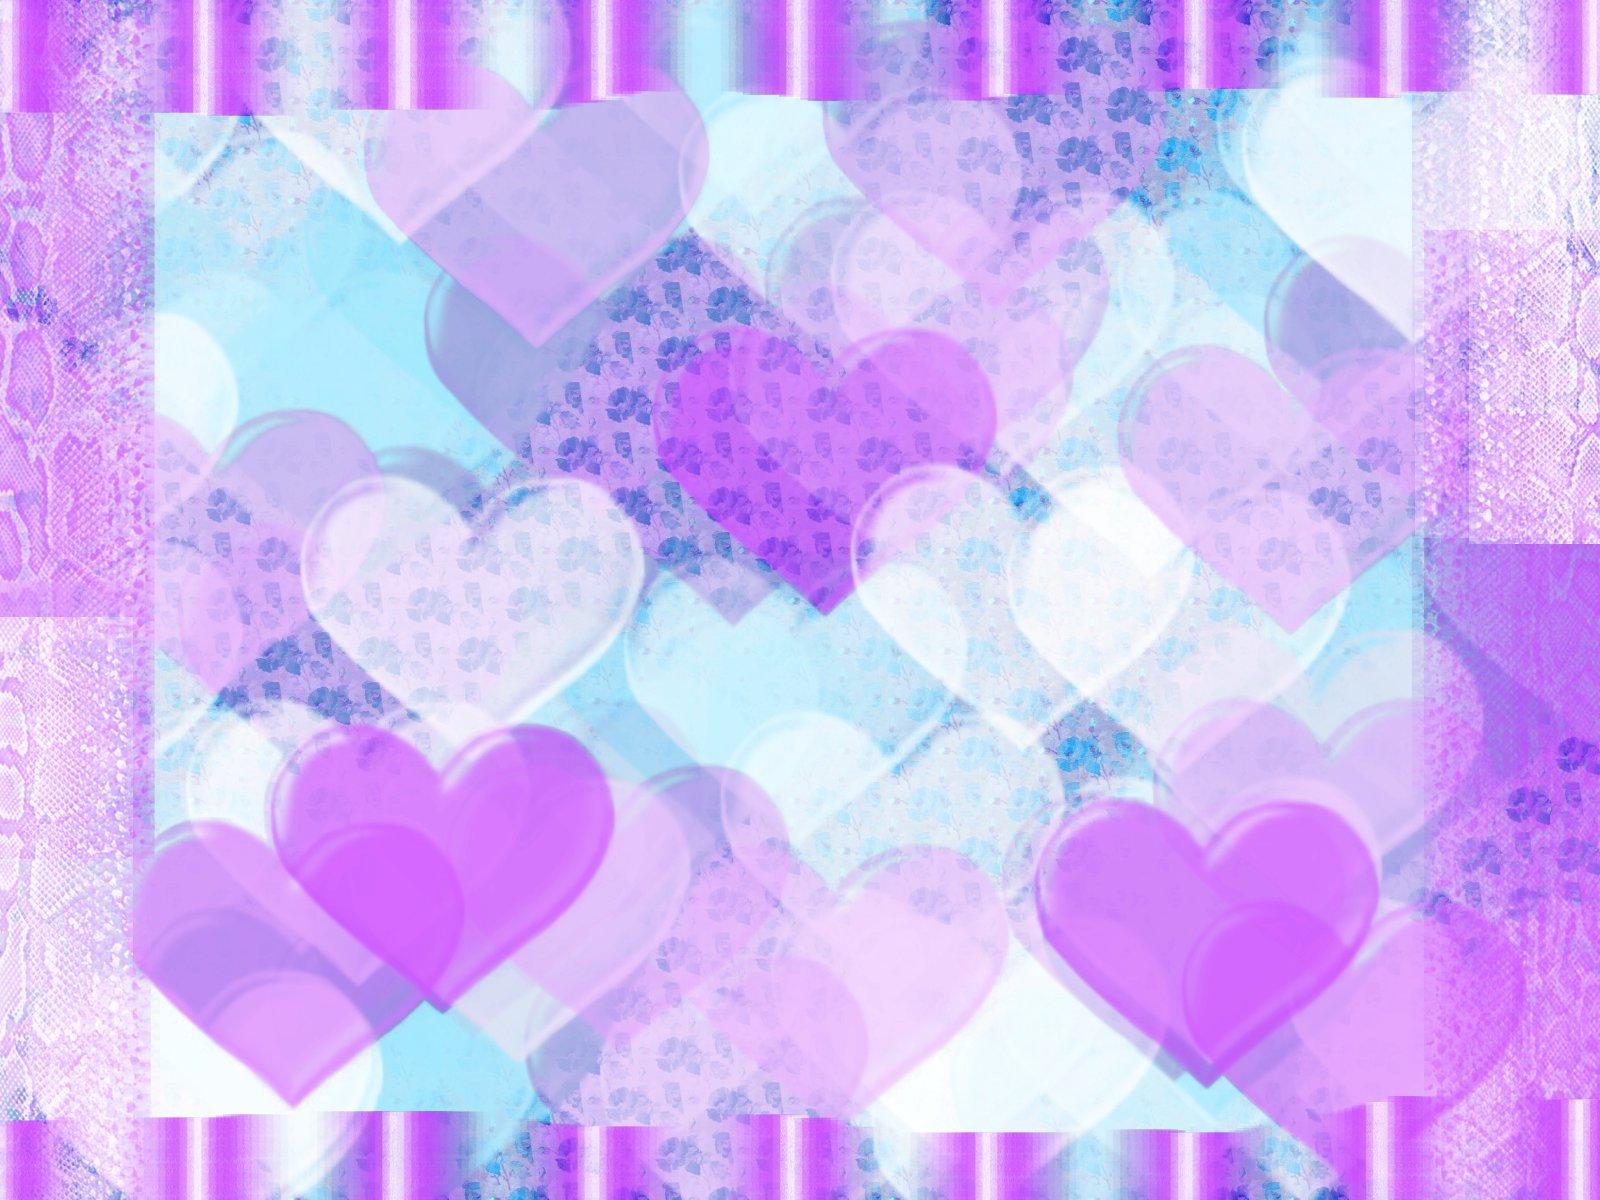 fondos con corazones para hacer tus wallpapers de amor